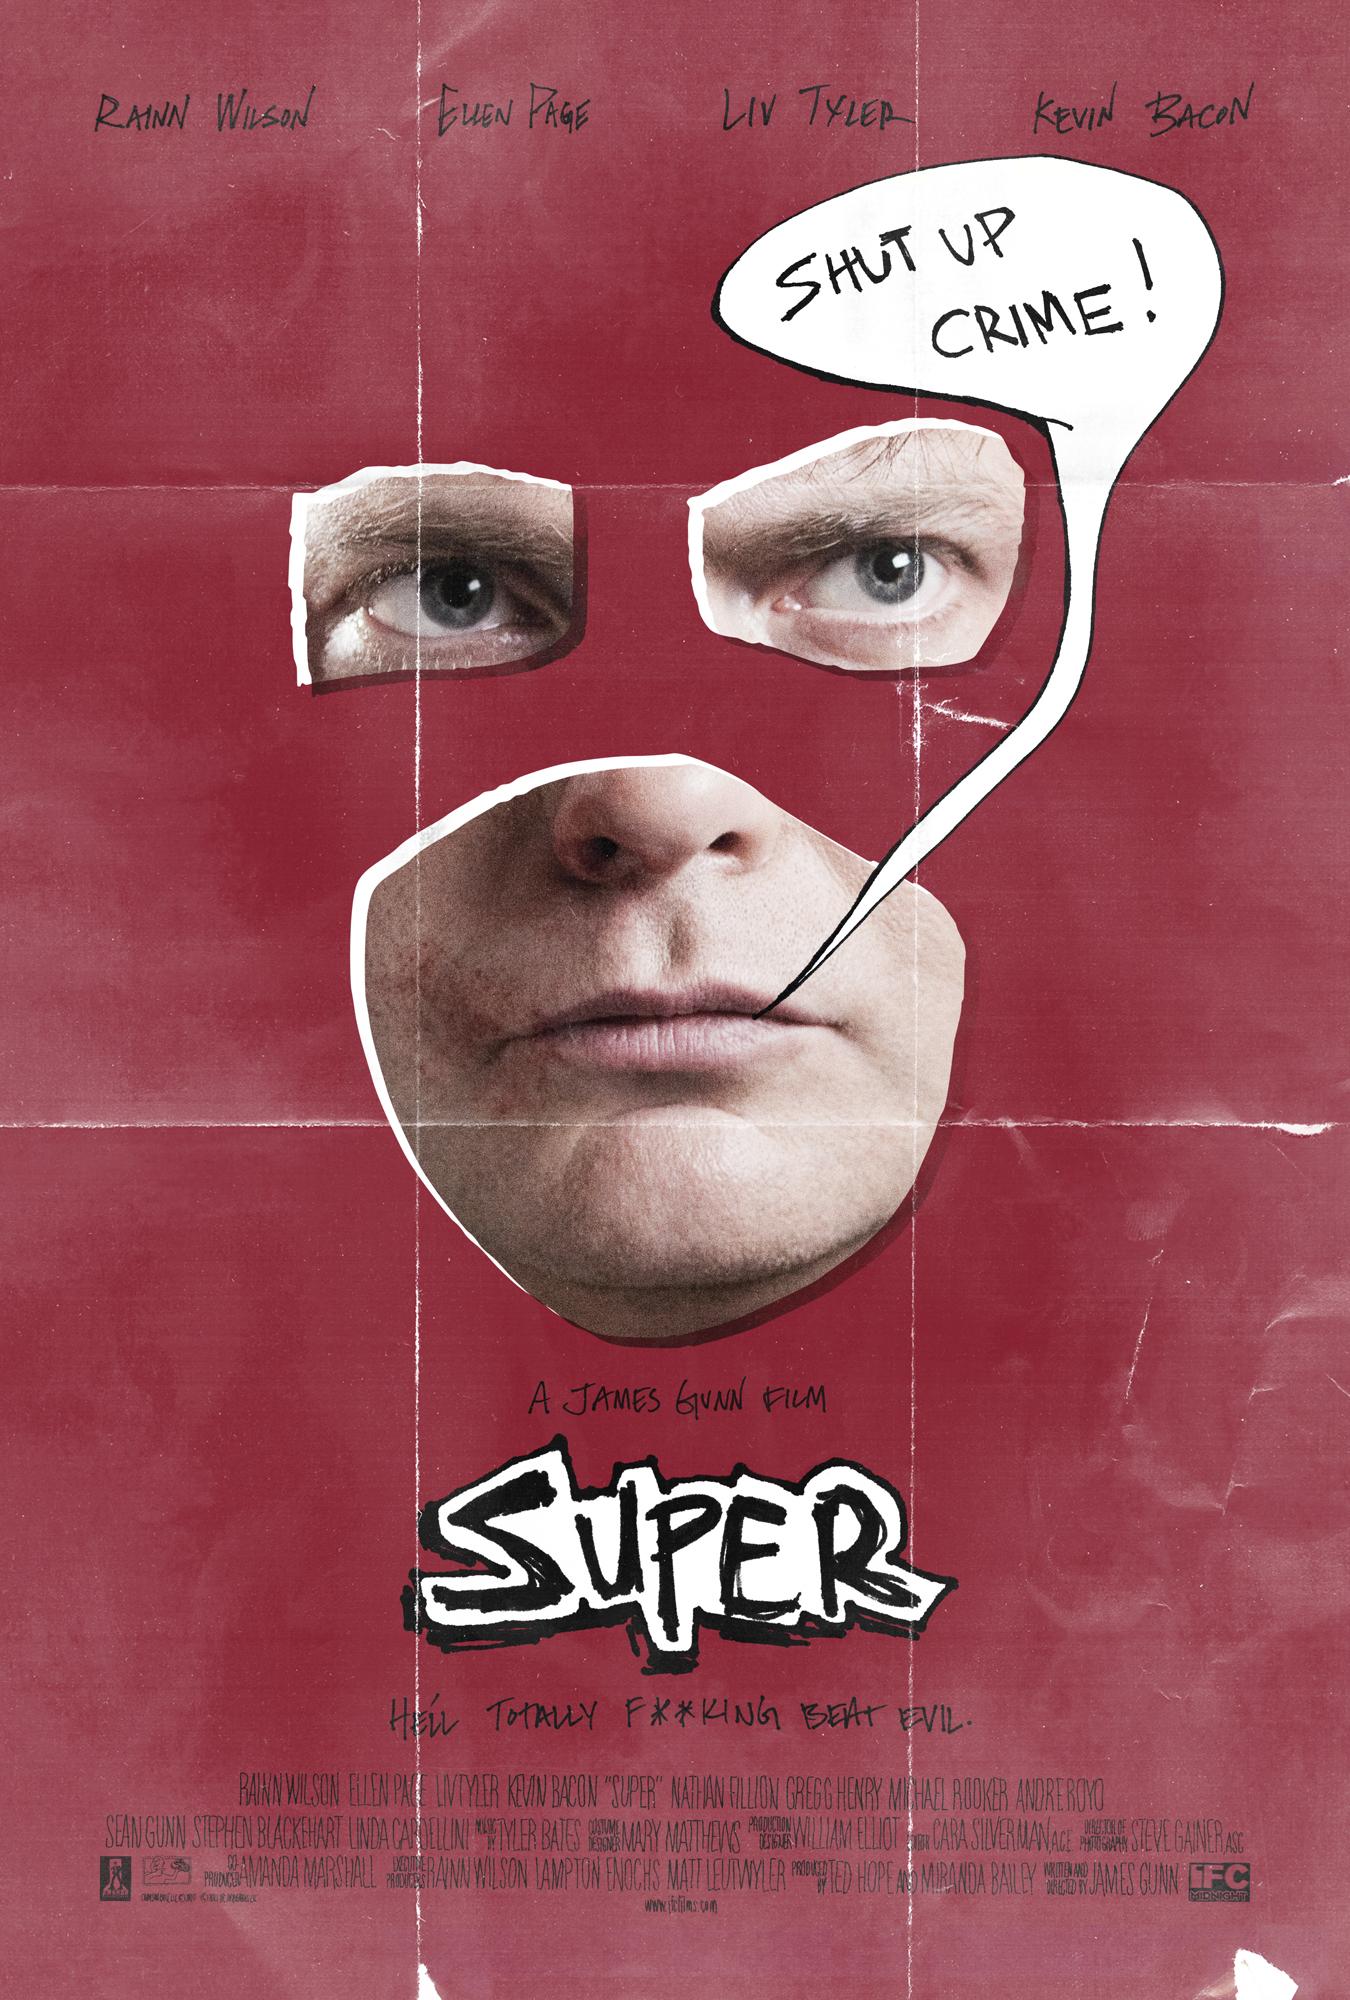 SUPER Poster.jpg